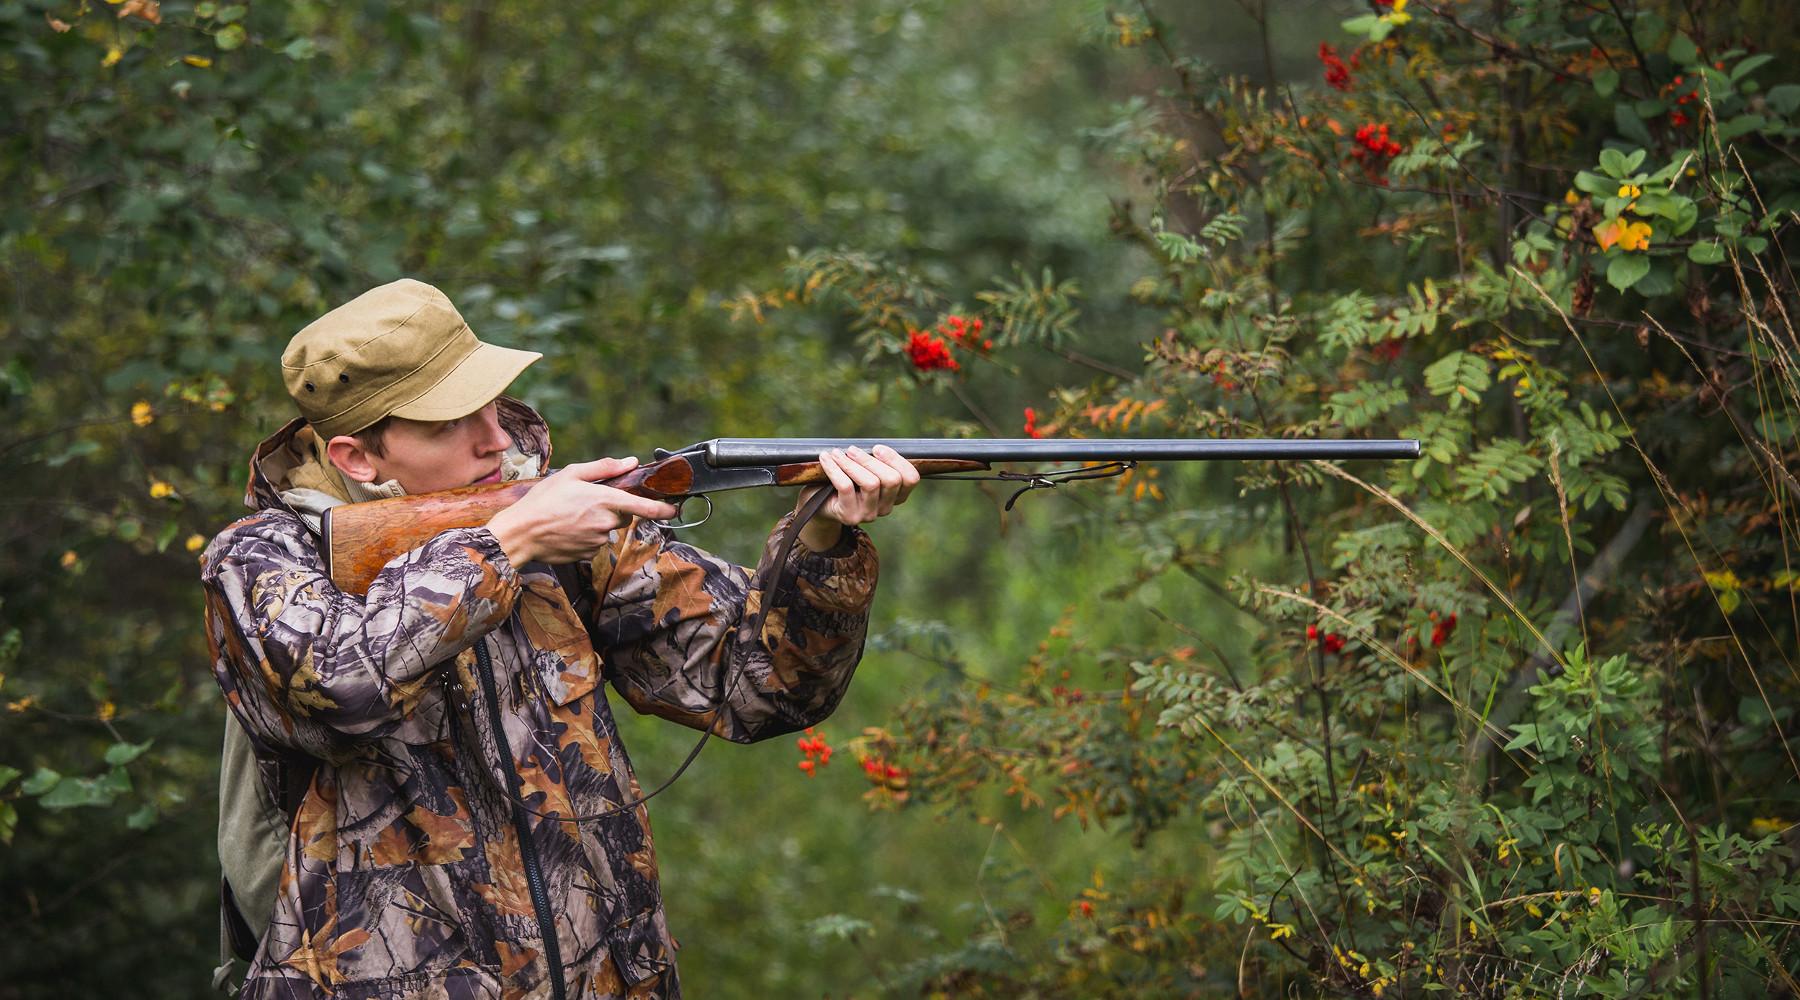 Mobilità venatoria: cacciatore prende la mira nel bosco